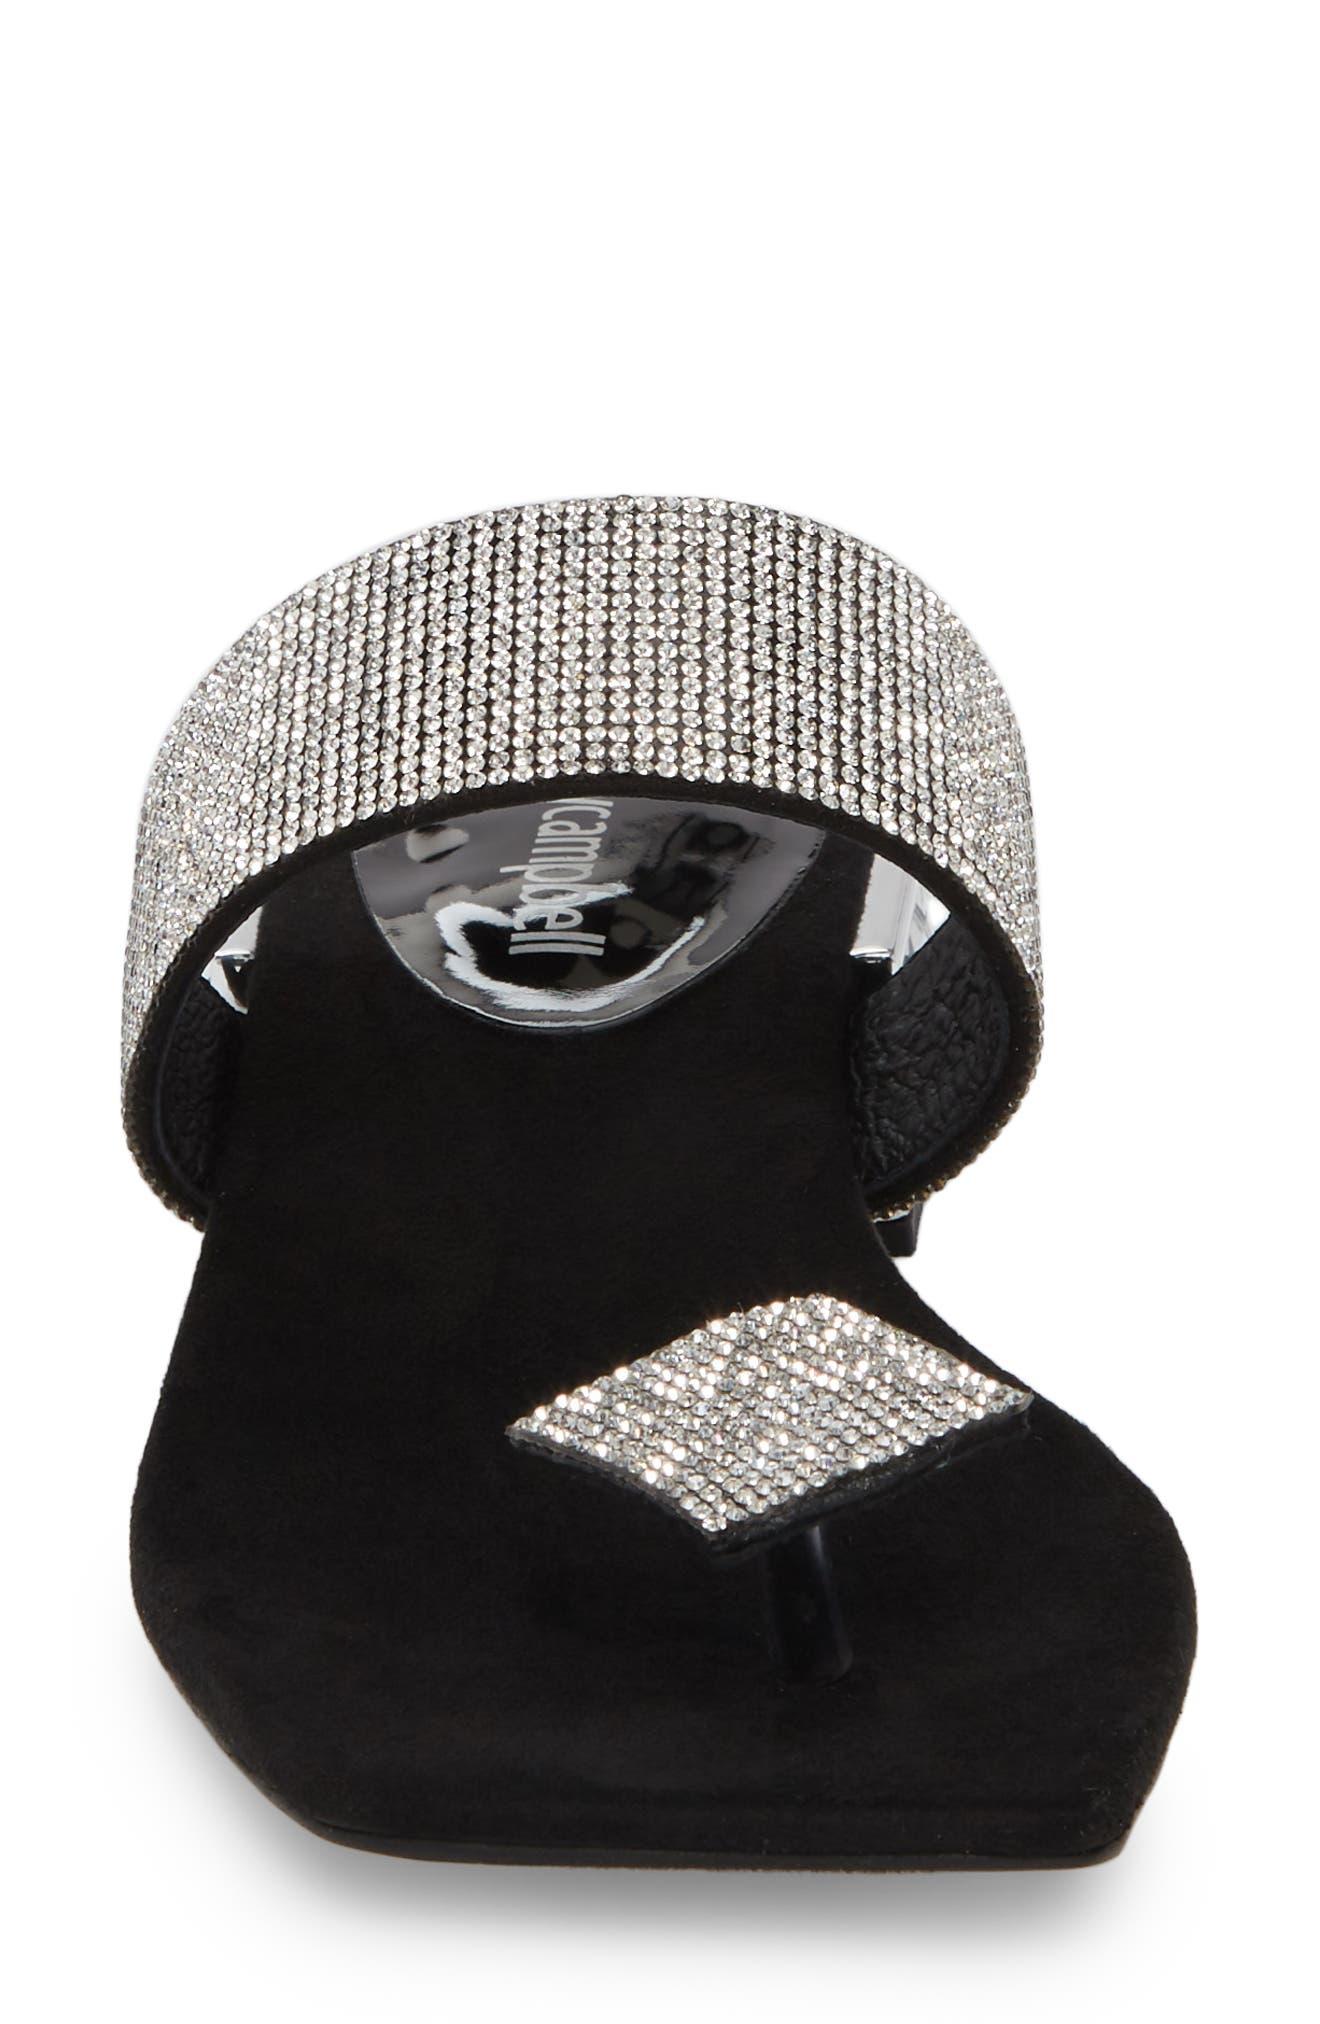 Alise Embellished Sandal,                             Alternate thumbnail 4, color,                             Black Suede/ Silver